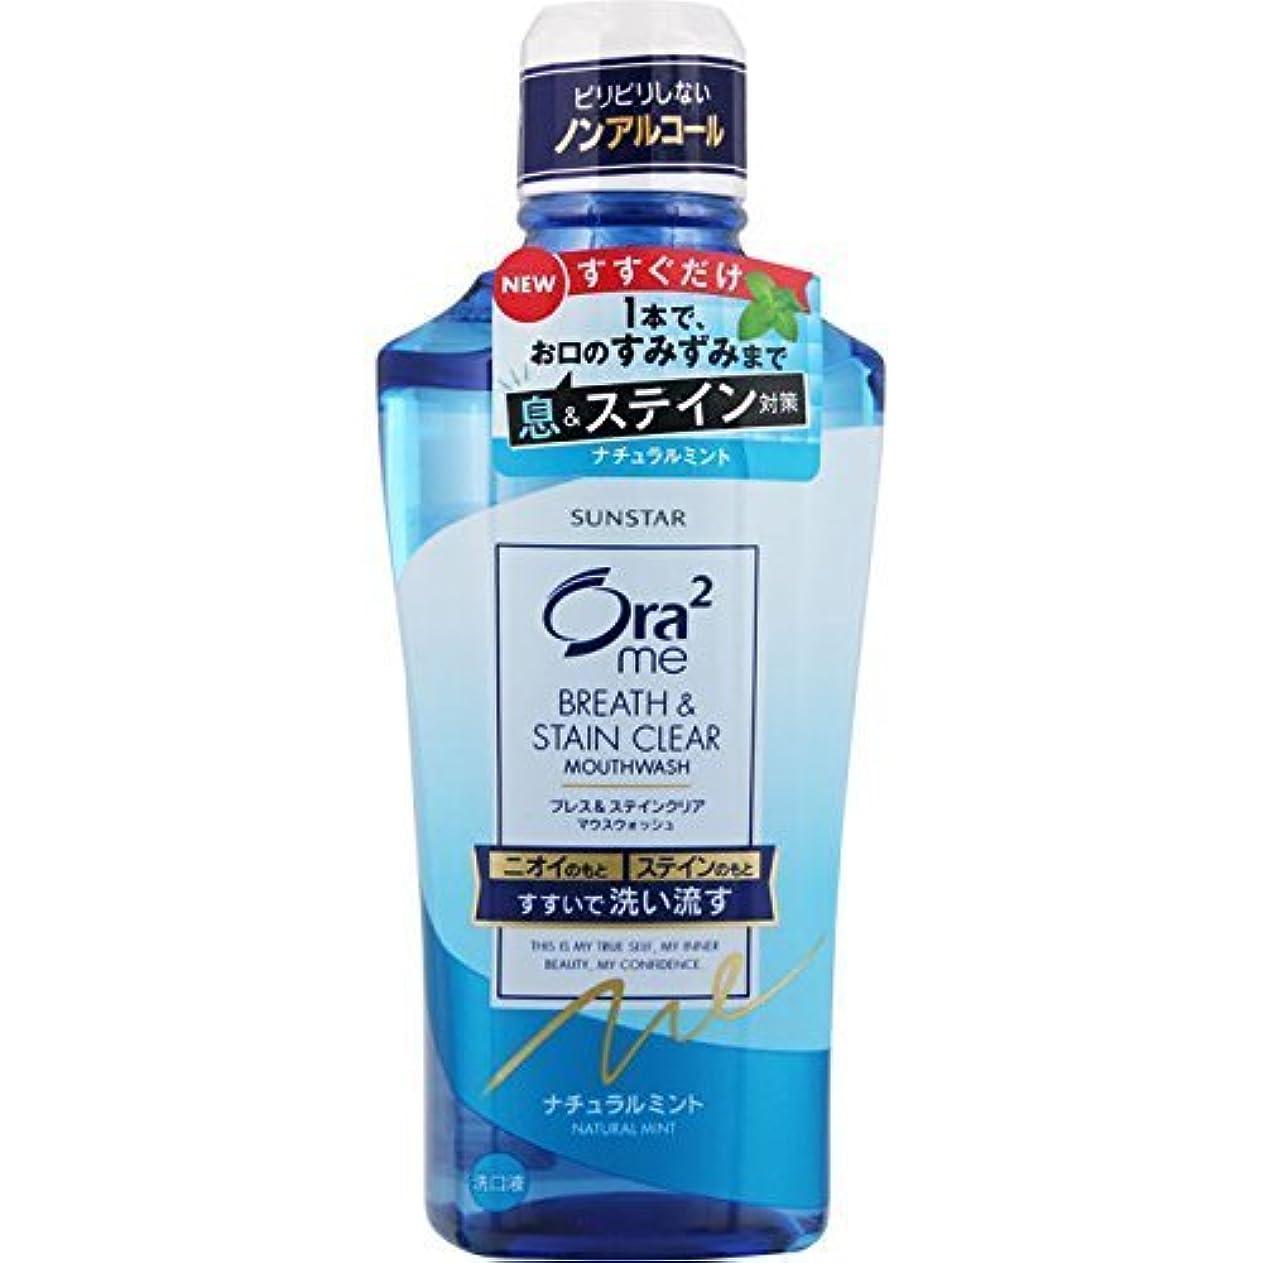 サロン想像力包帯Ora2(オーラツー) ミー マウスウォッシュ ステインクリア 洗口液 [ナチュラルミント] 460mL